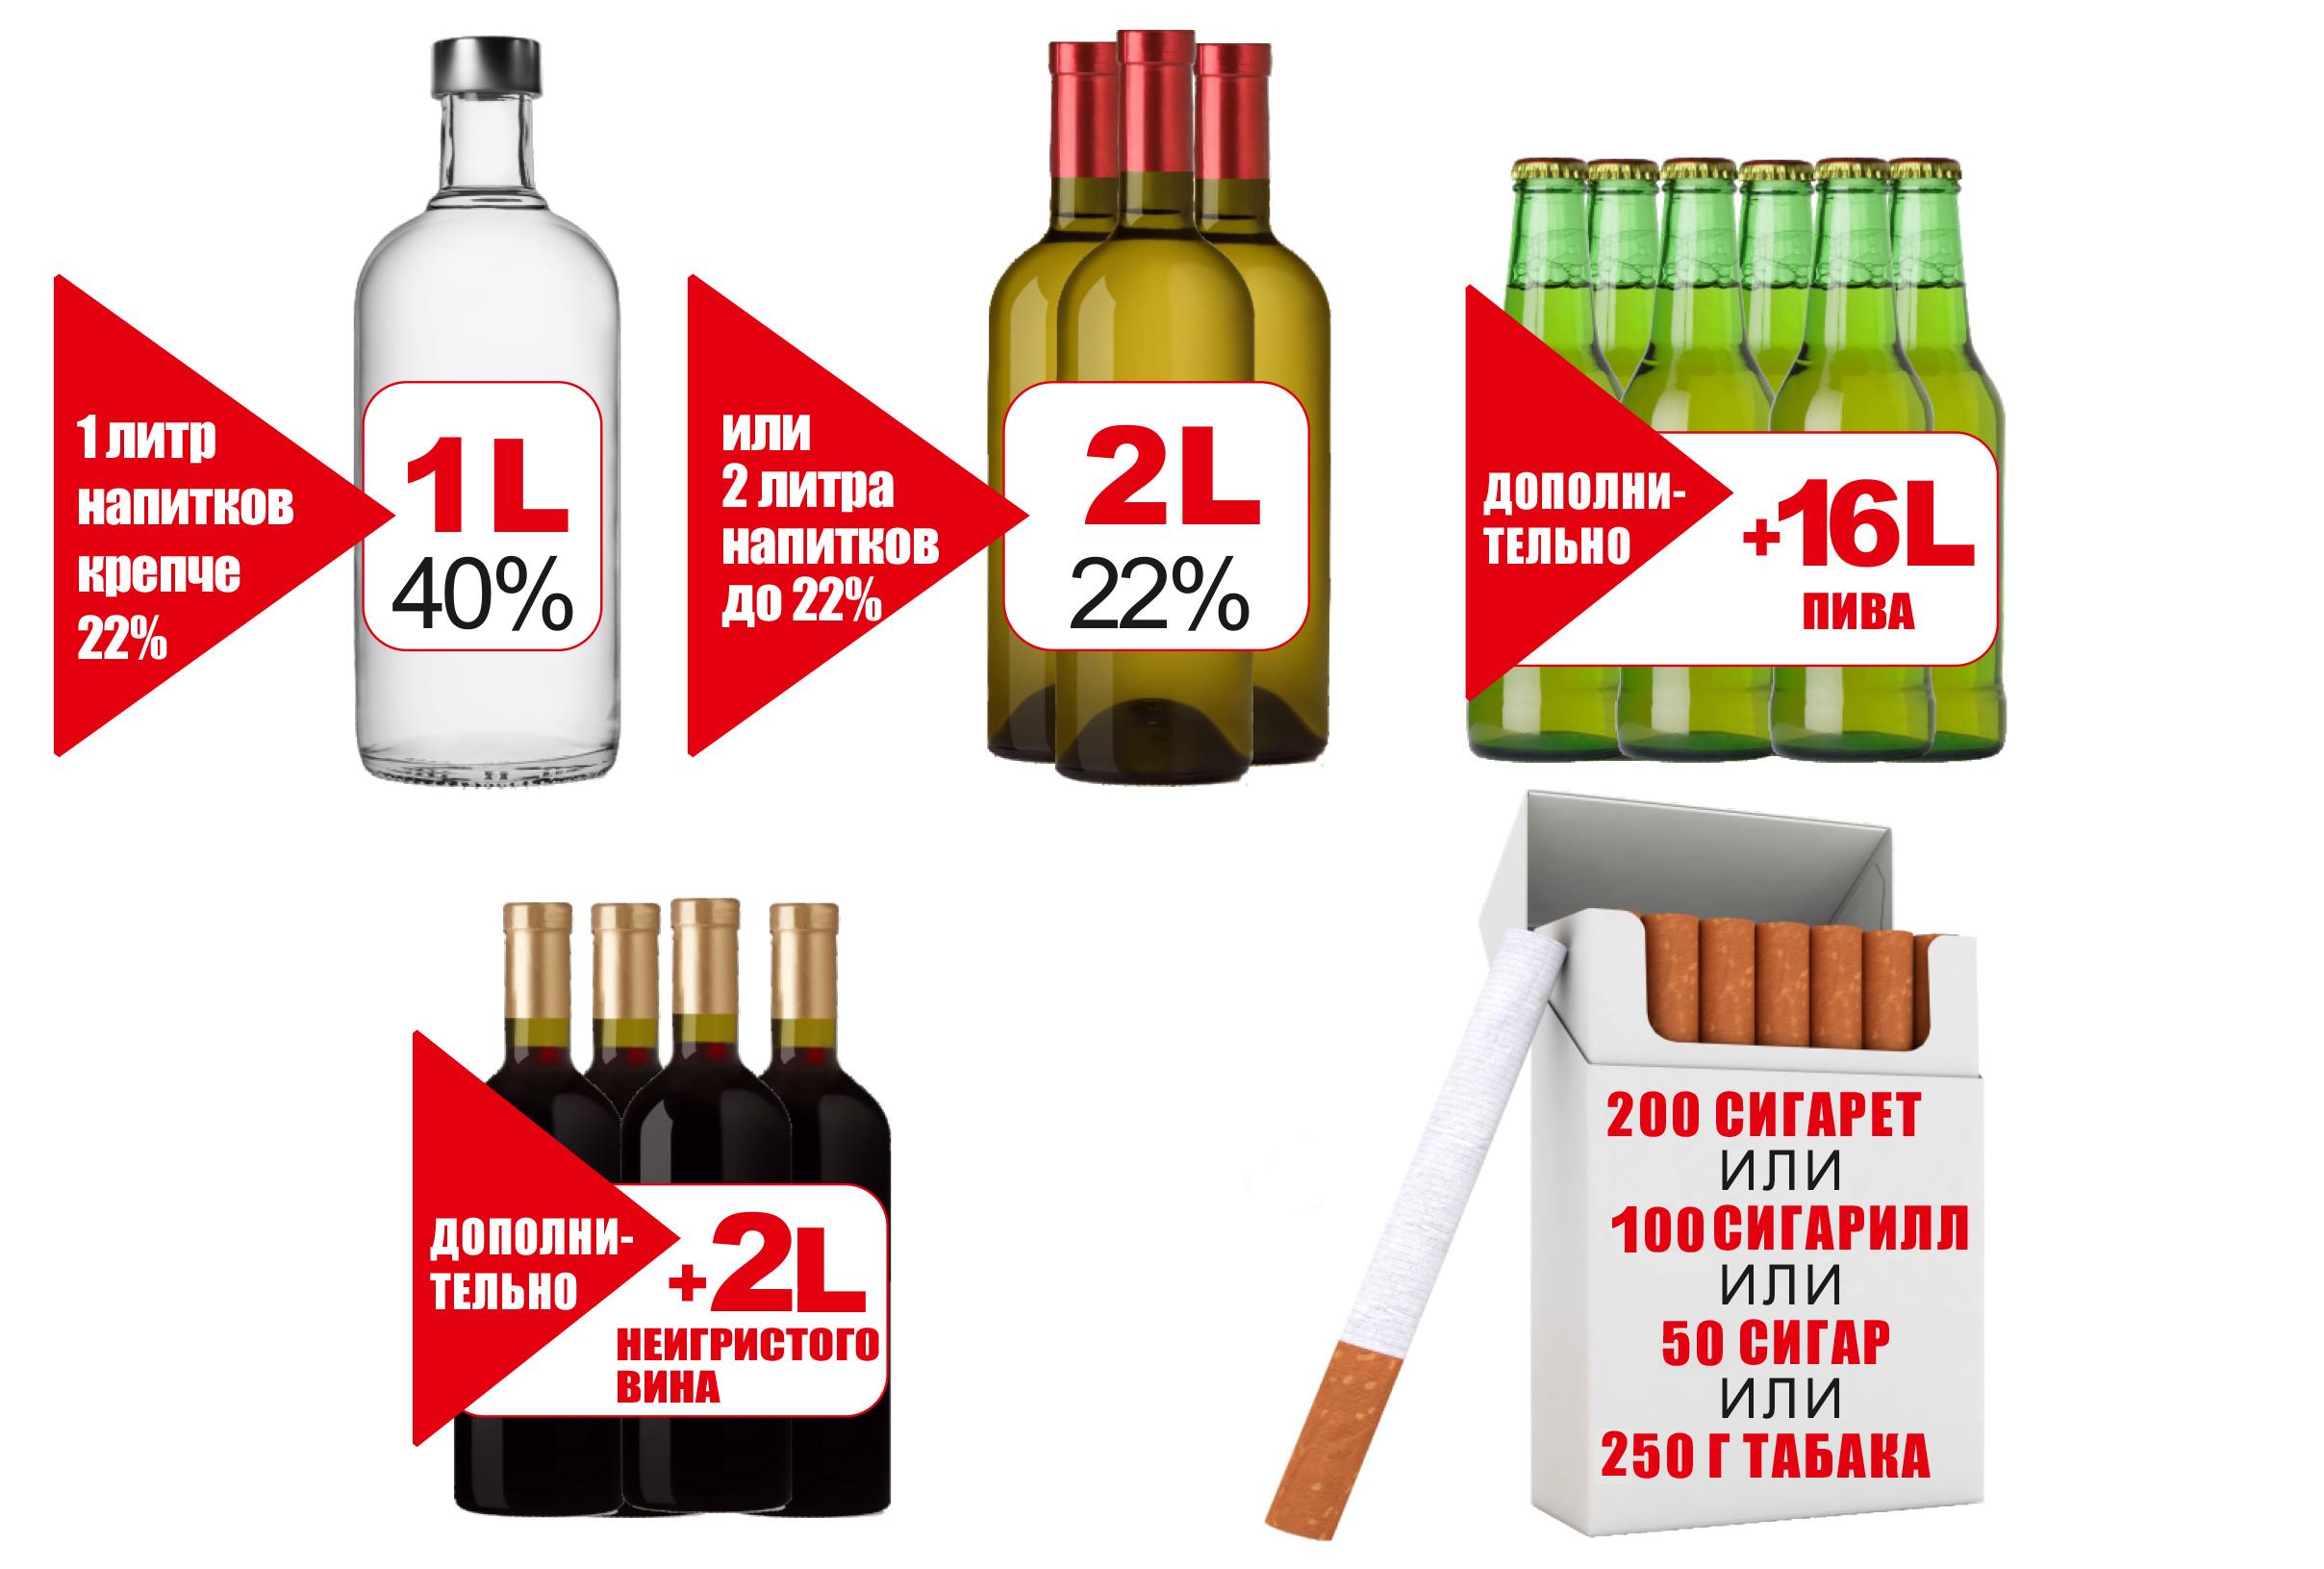 Спиртные напитки и табачные изделия лицам табачные изделия в таганроге